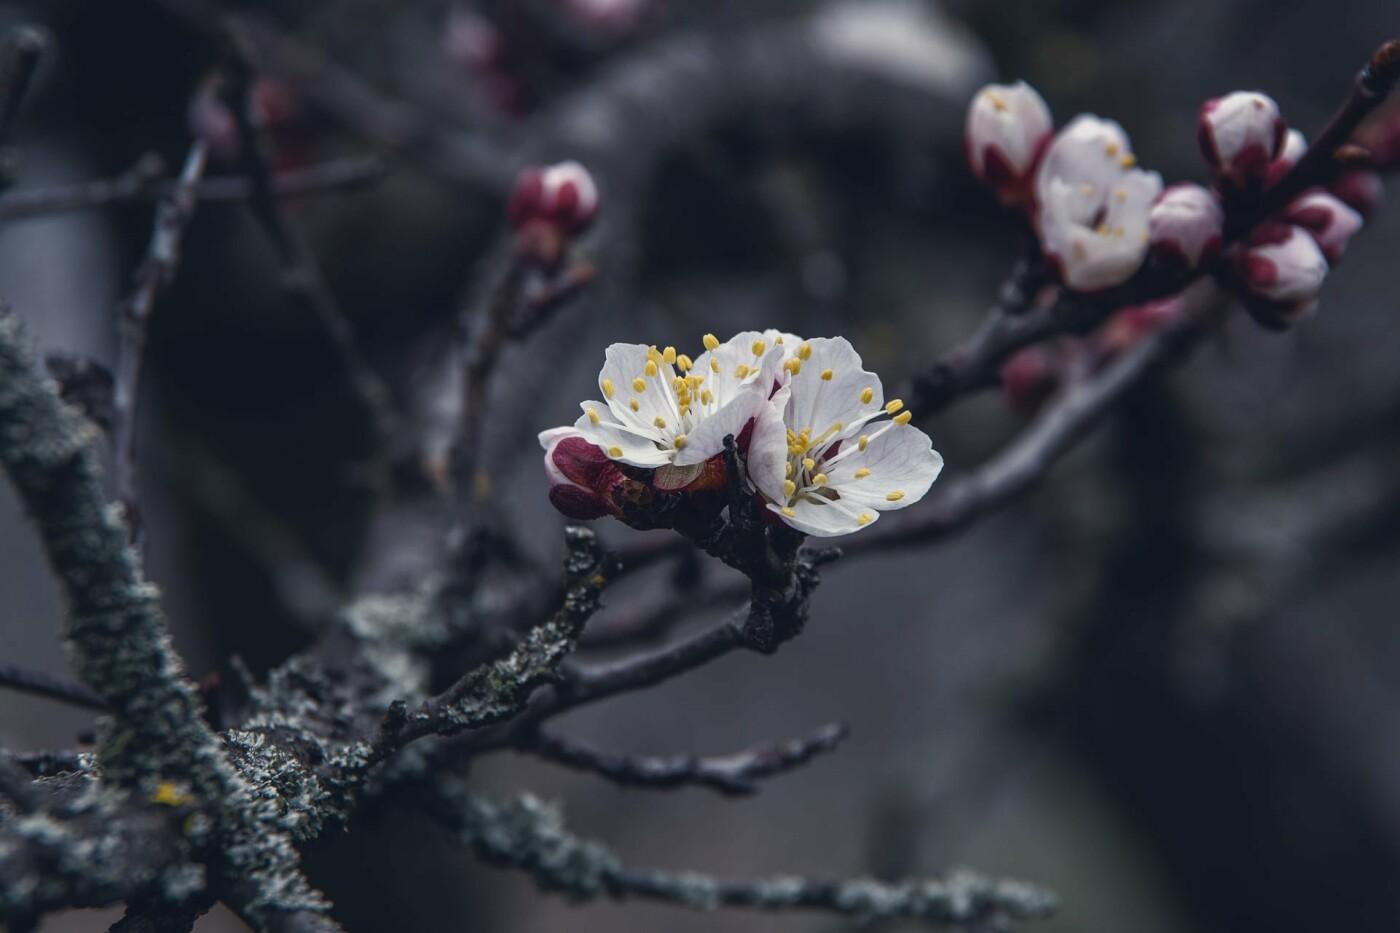 На закате и после грозы: запорожские фотографы делятся снимками цветущей Хортицы, - ФОТО, фото-22